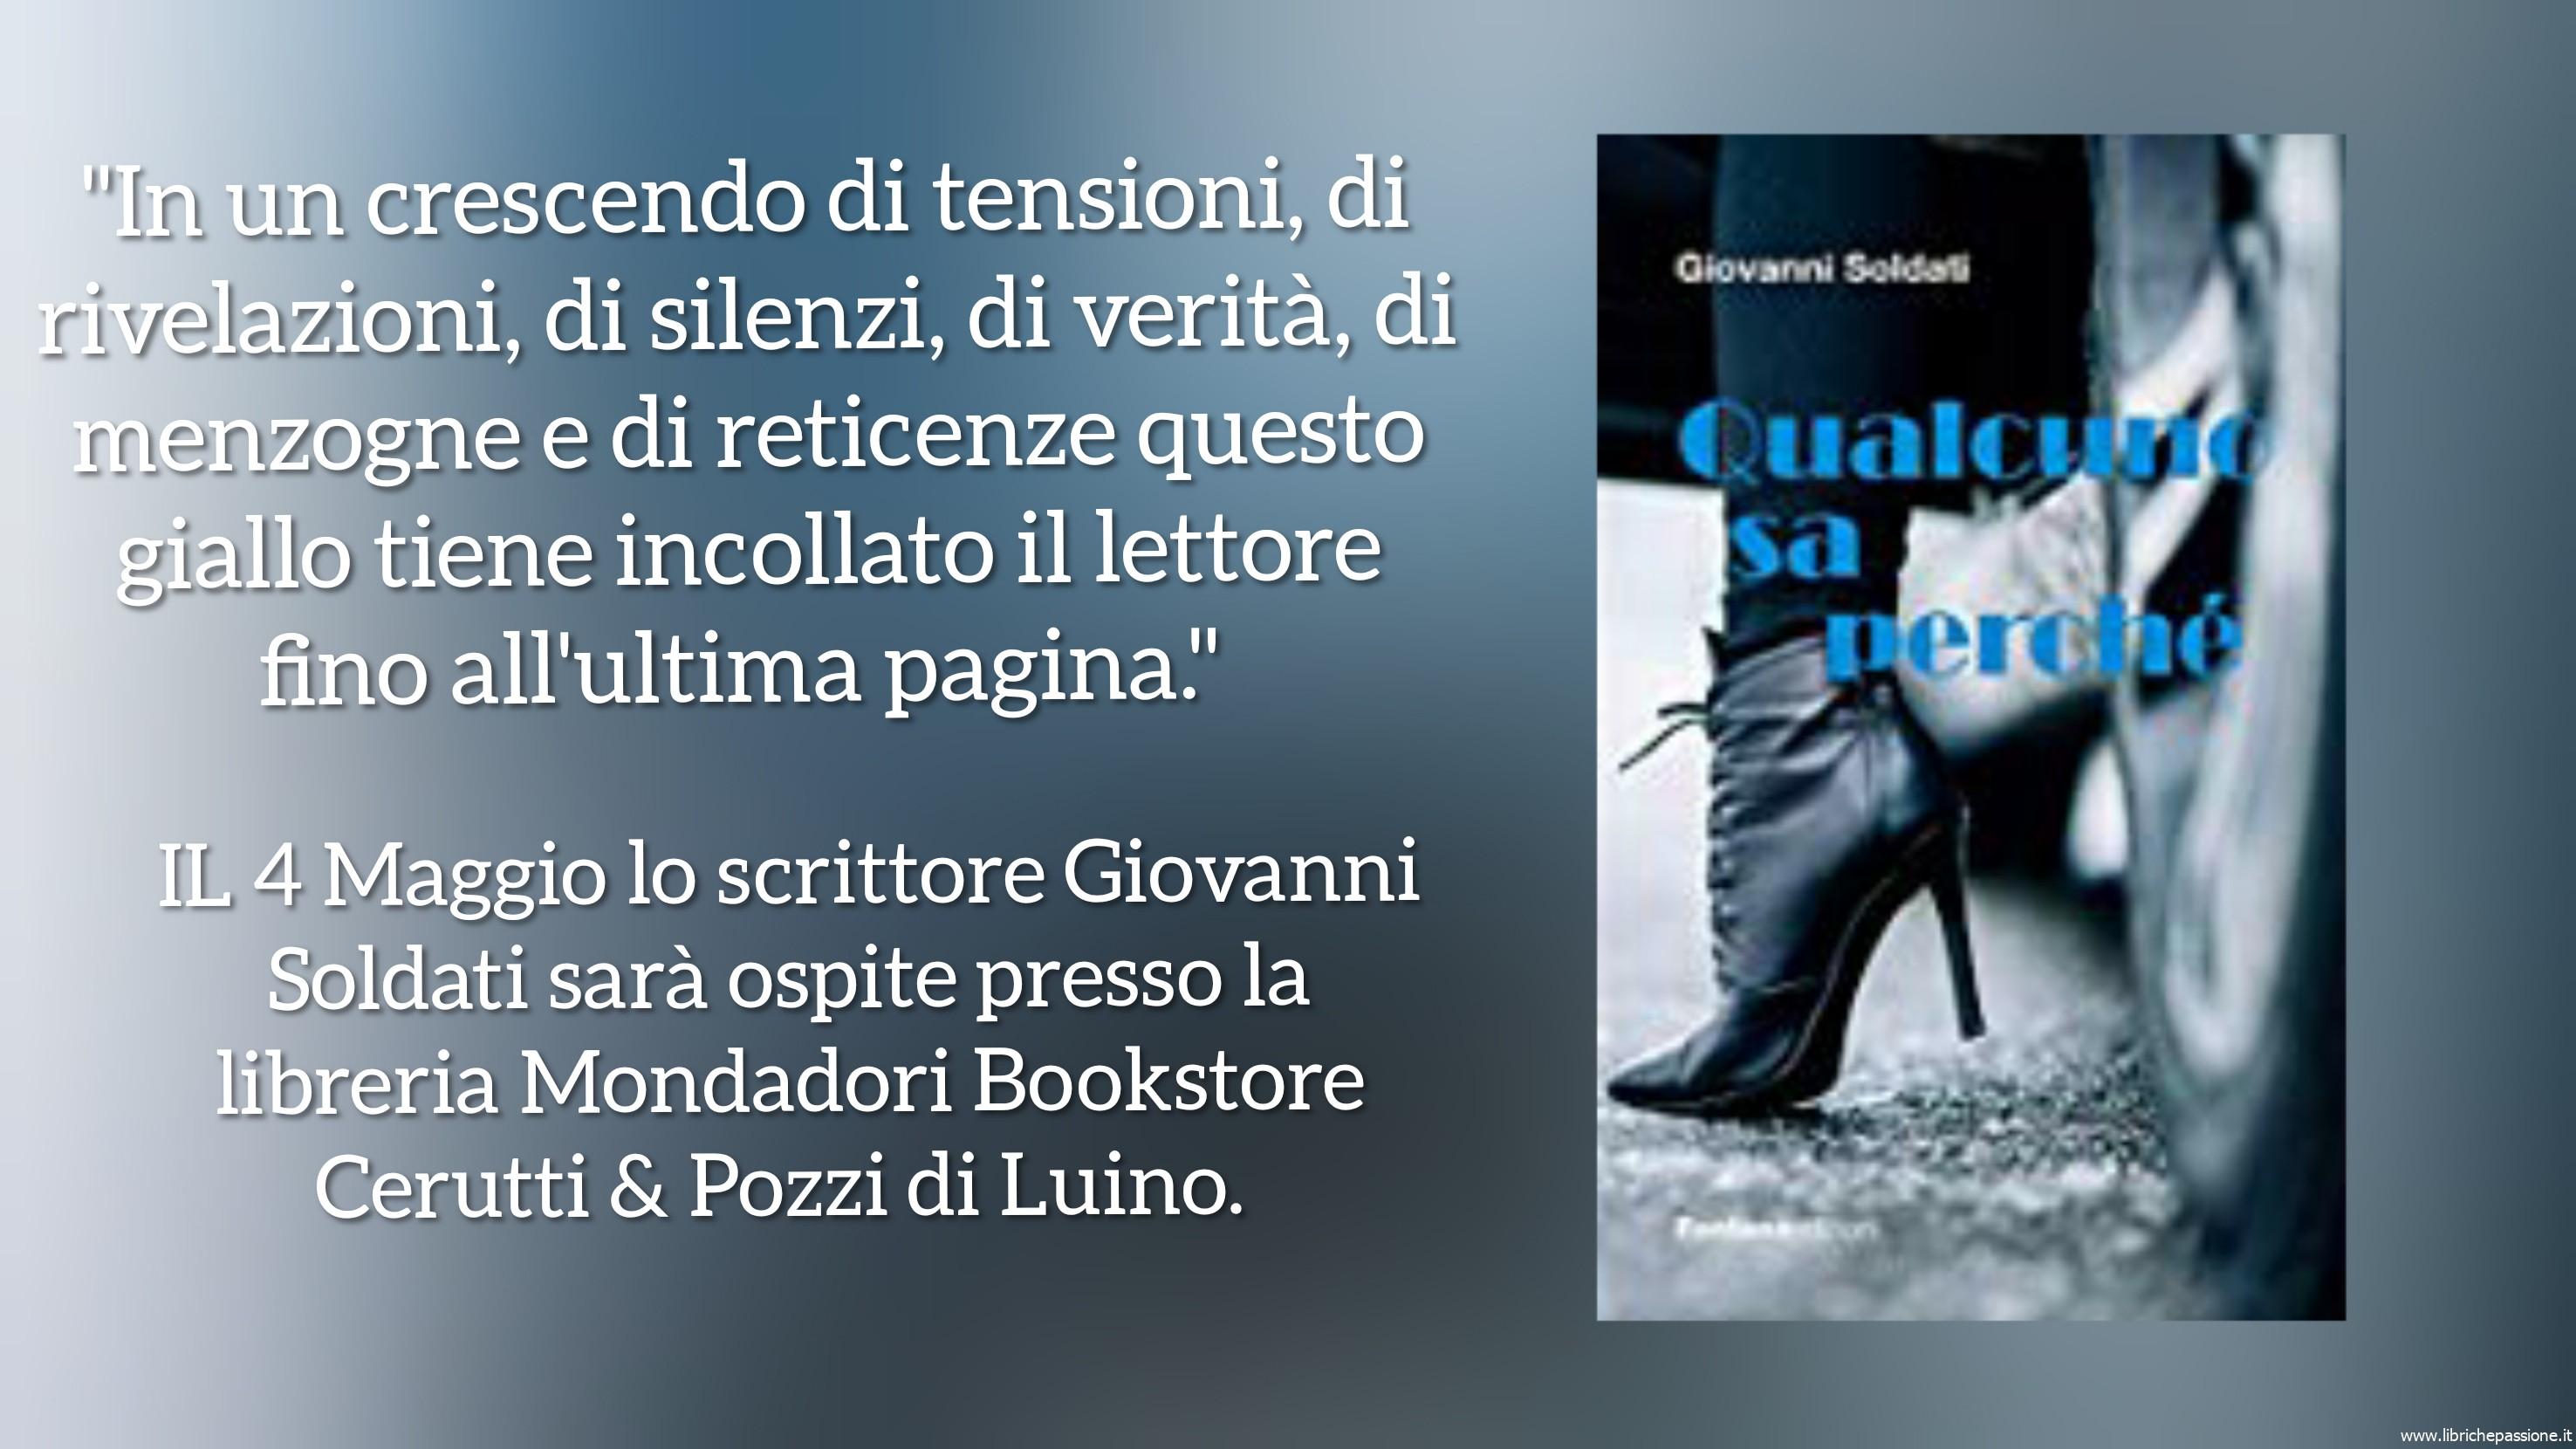 """Vi presento """"Qualcuno sa perchè"""" autore Giovanni Soldati, edito da Fontana Edizioni"""